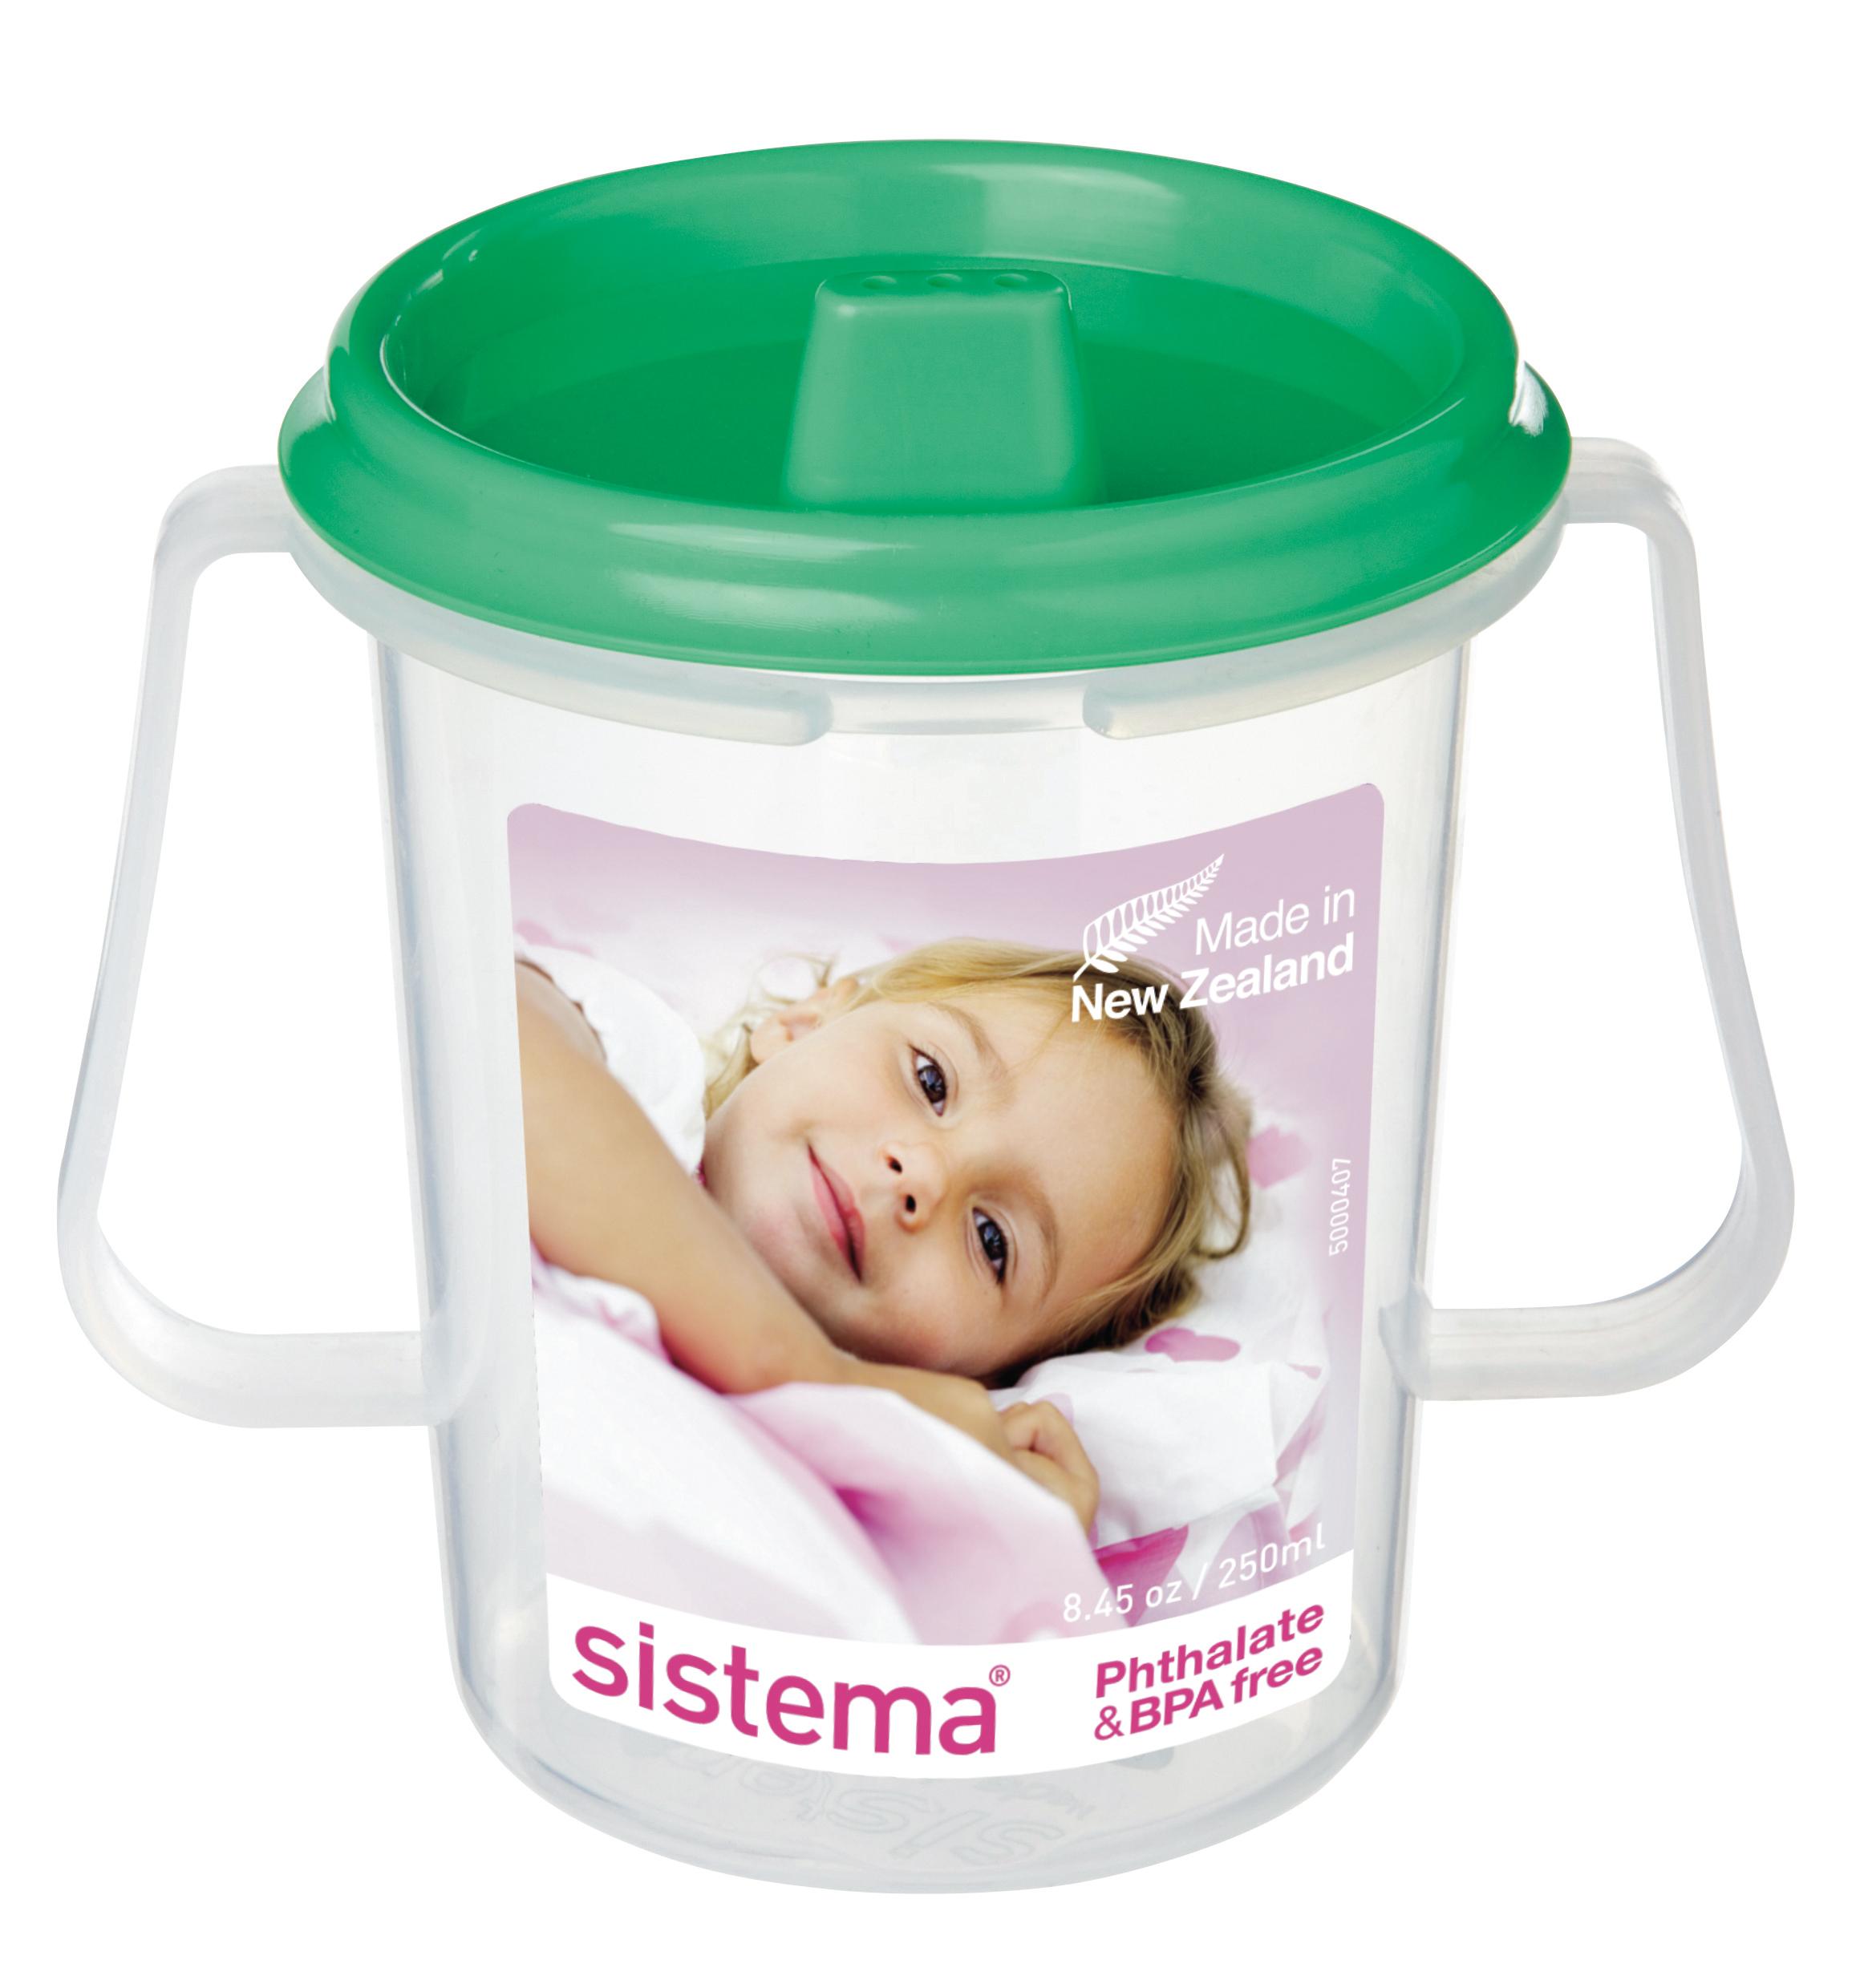 Чашка детская Sistema, с носиком, цвет: зеленый, 250 мл67Детская чашка-непроливайка с носиком Dinkee Trainer оснащена клапаном, который предотвращает проливание, удобна для детских ручек. Поилка с крышкой-непроливайкой в дополнение к эргономичной форме и яркой расцветке делают данную чашку незаменимой в дороге, на прогулке, дома или на даче. Благодаря простоте и комфорту в использовании, качественным материалам и стильному дизайну, чашка с носиком так популярна. Можно мыть в посудомоечной машине.